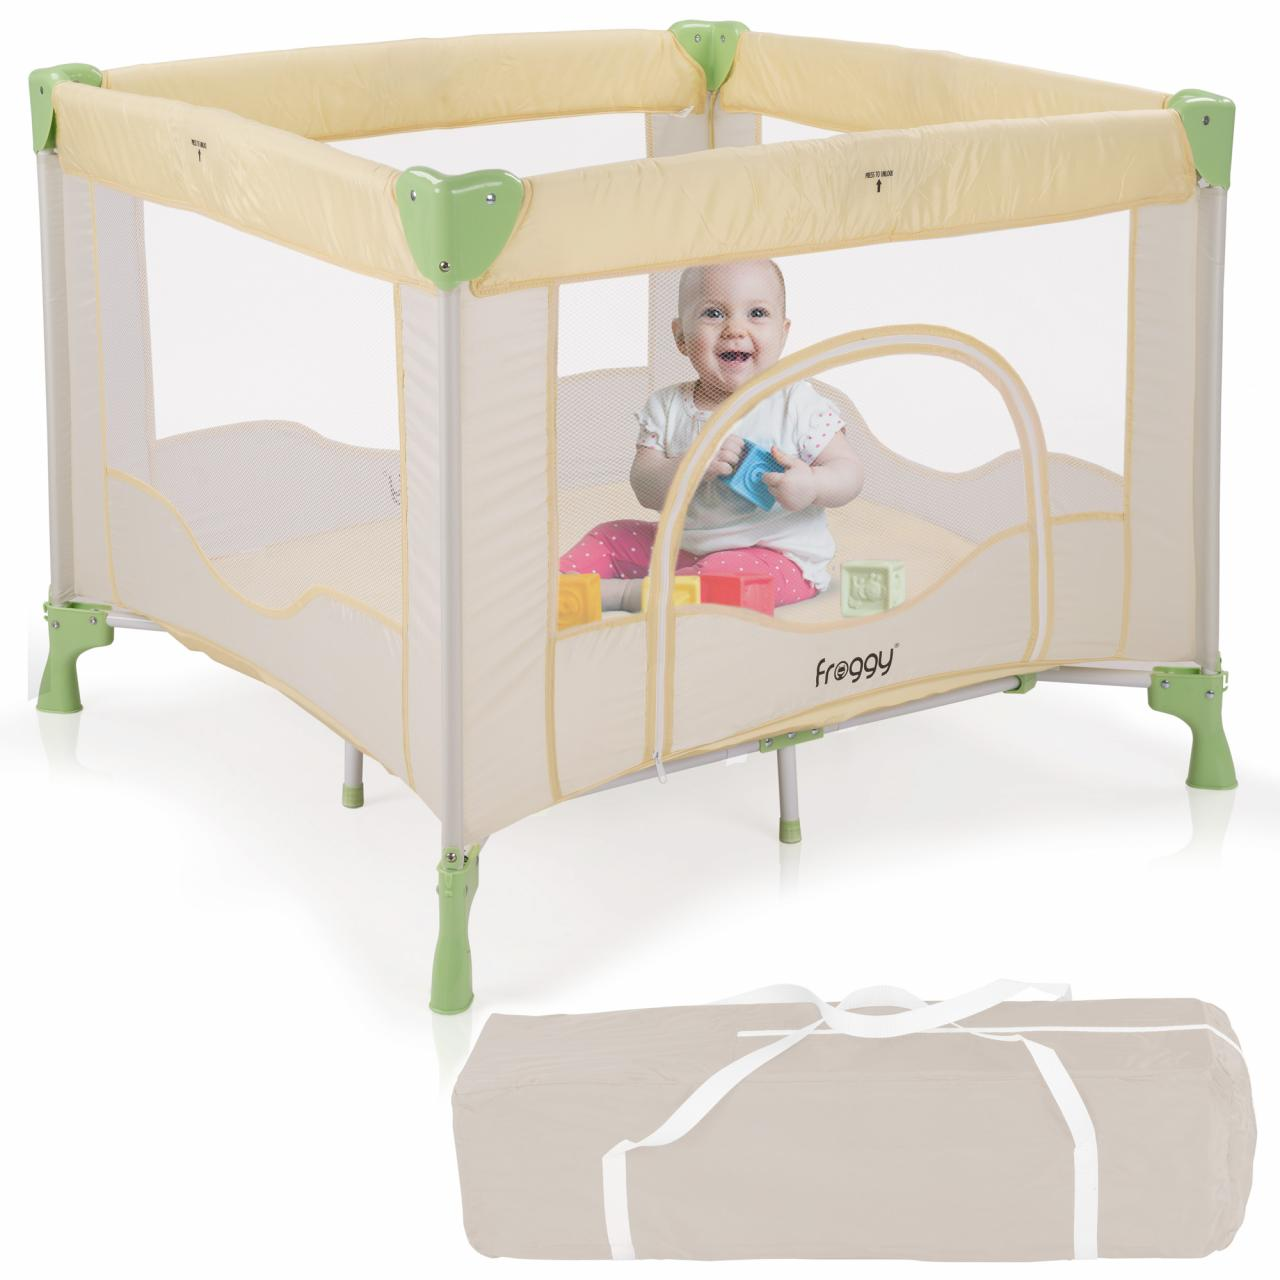 reisebett laufstall babyreisebett spielstall babybett kinderbett kinderreisebett ebay. Black Bedroom Furniture Sets. Home Design Ideas